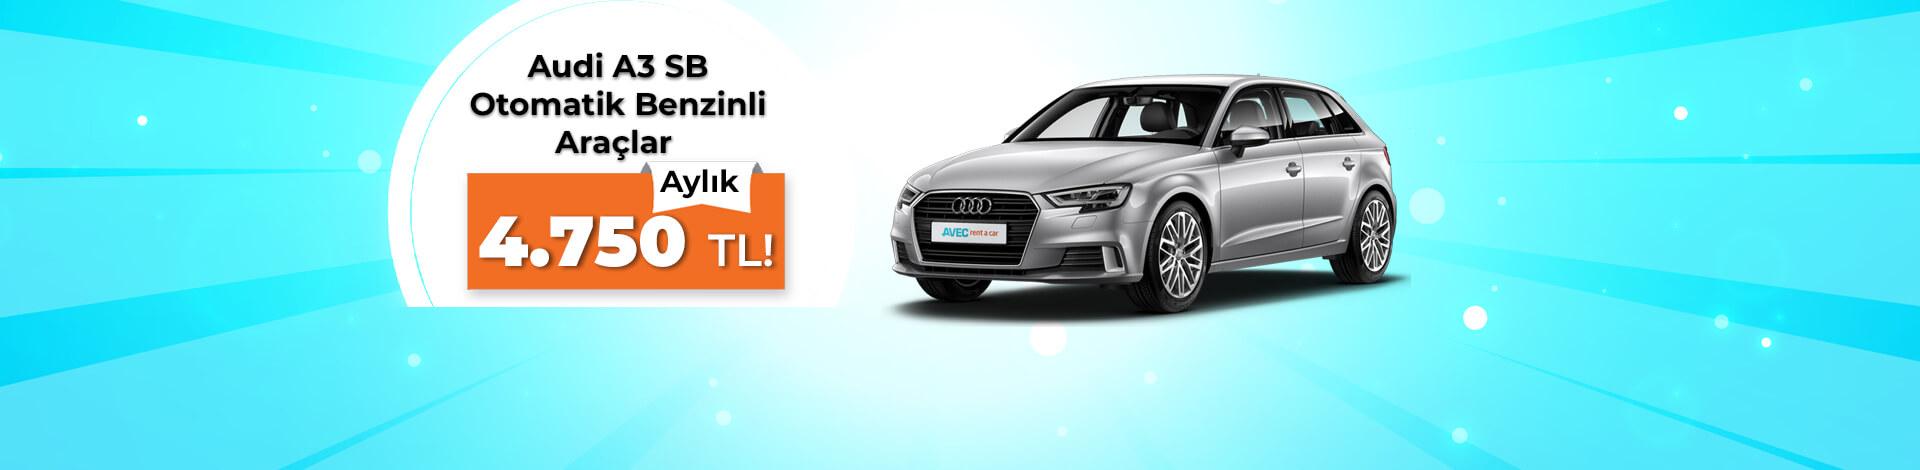 Audi A3 Sportback Benzinli Otomatik Araçlarda Aylık Kampanya!